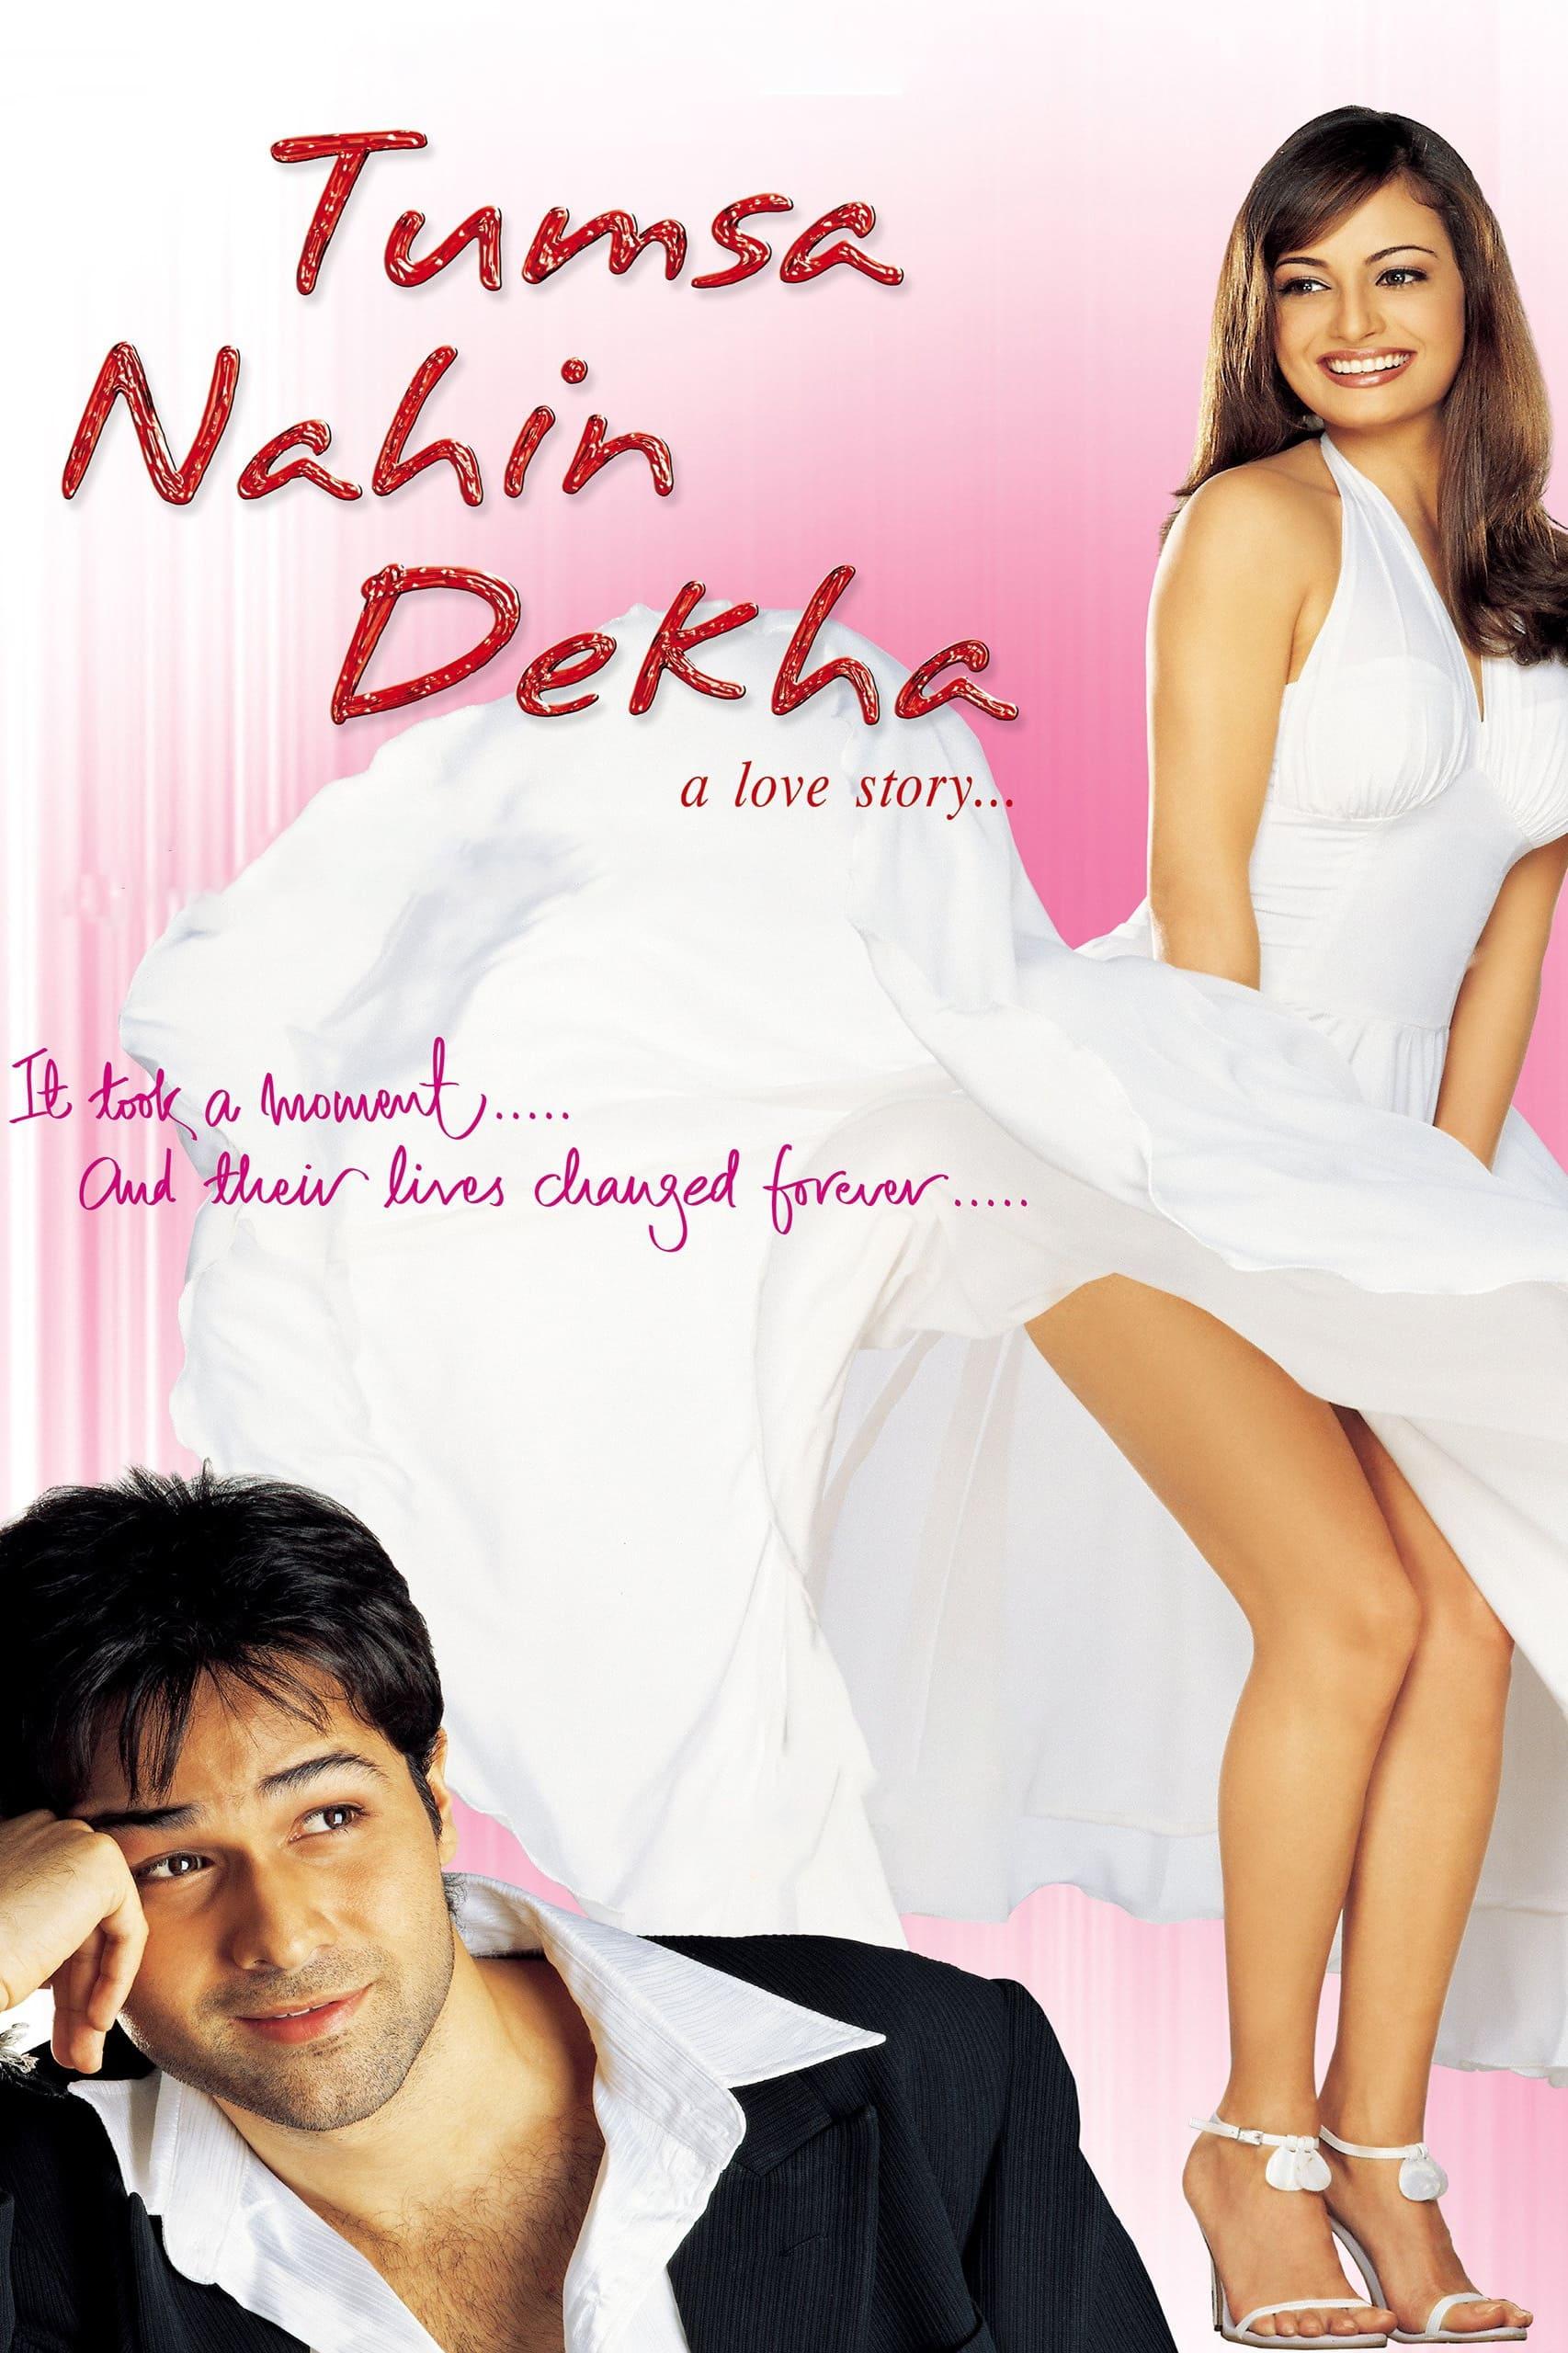 Tumsa Nahin Dekha: A Love Story